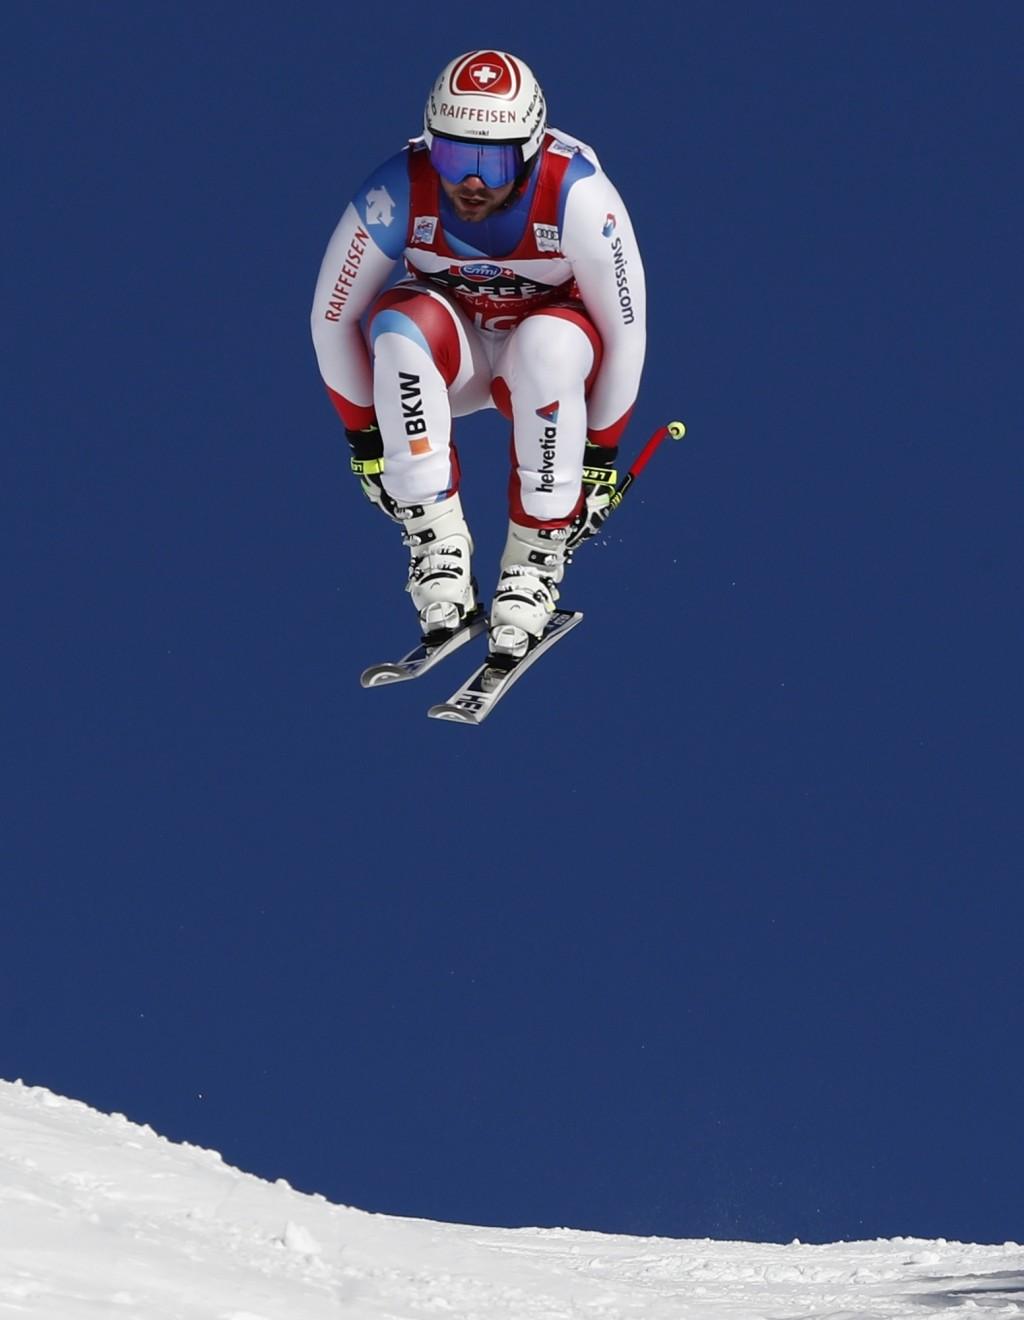 Switzerland's Beat Feuz competes during an alpine ski, men's World Cup downhill in Wengen, Switzerland, Saturday, Jan. 19, 2019. (AP Photo/Gabriele Fa